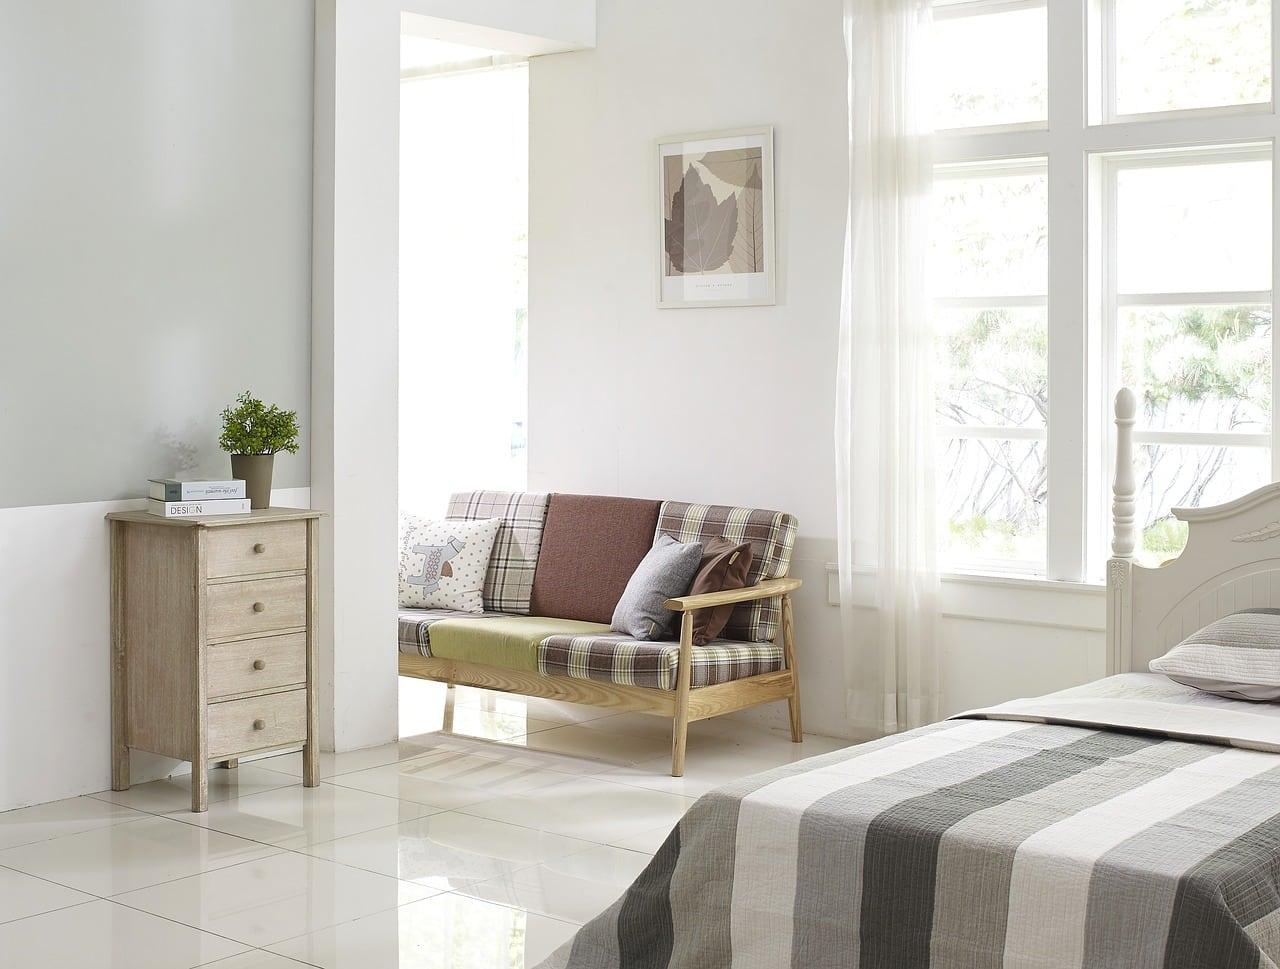 das schlafzimmer einrichten hilfreiche tipps und absolute no gos. Black Bedroom Furniture Sets. Home Design Ideas